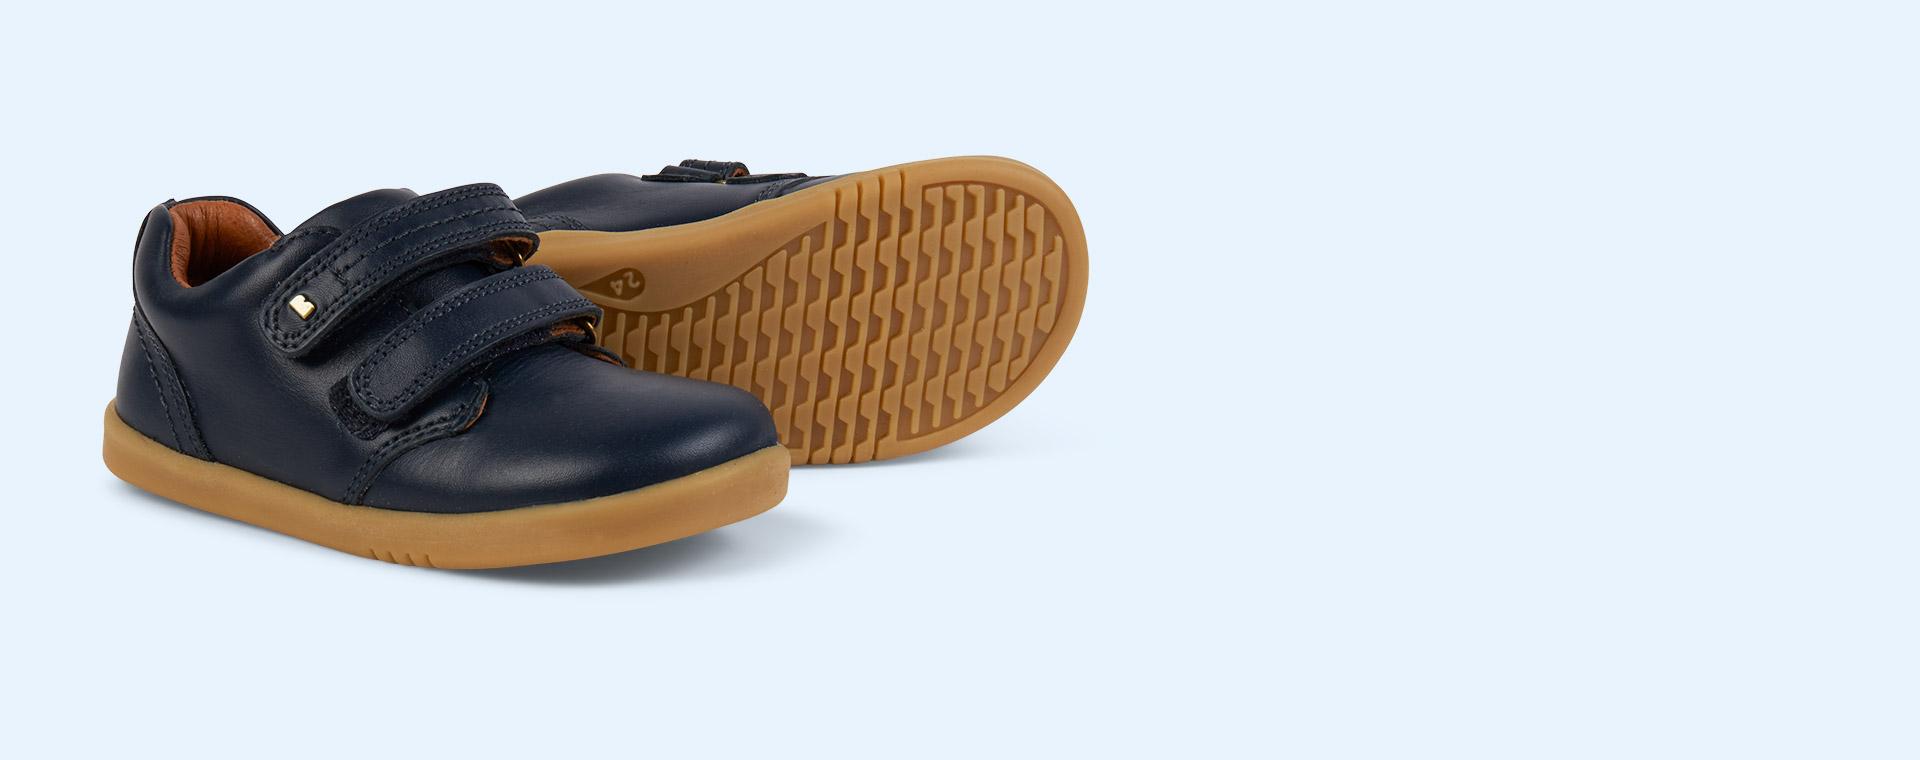 New Navy Bobux I-Walk Port Shoe